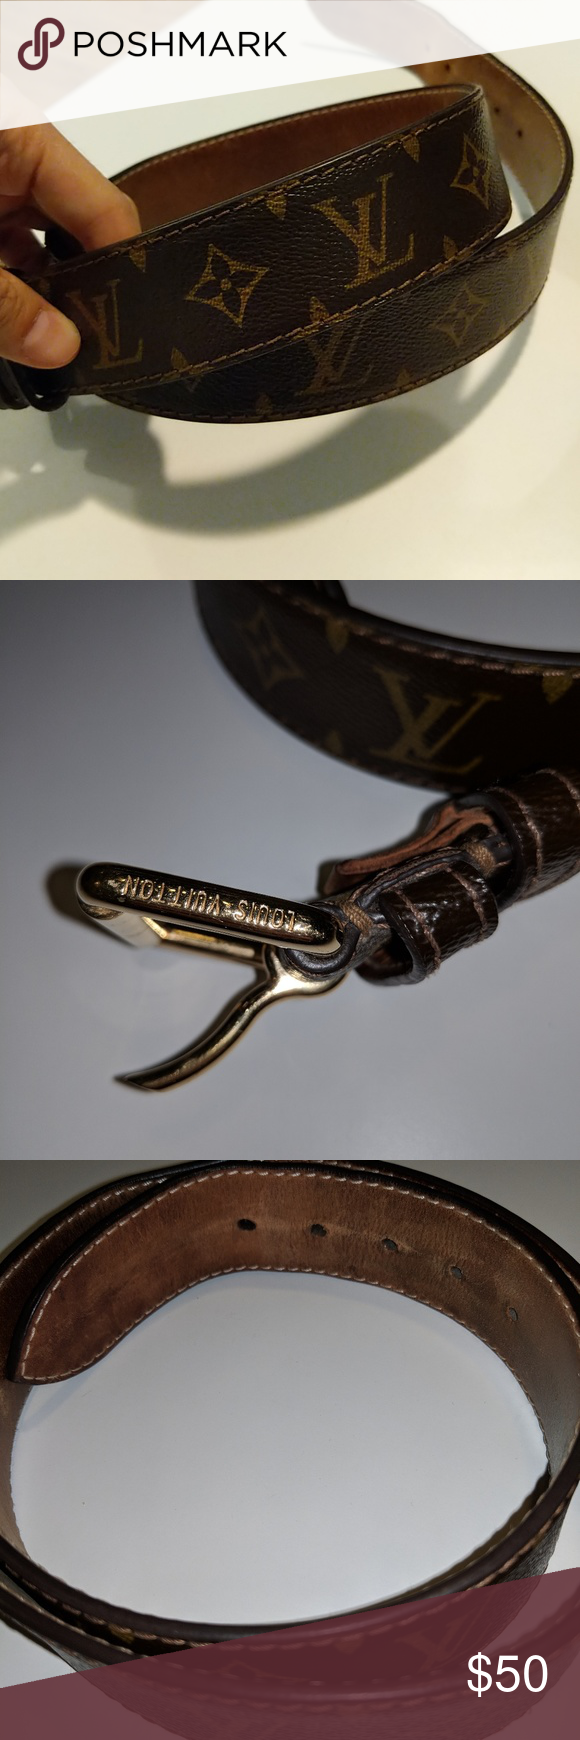 Authentic Louis Vuitton belt (With images) | Louis vuitton ...